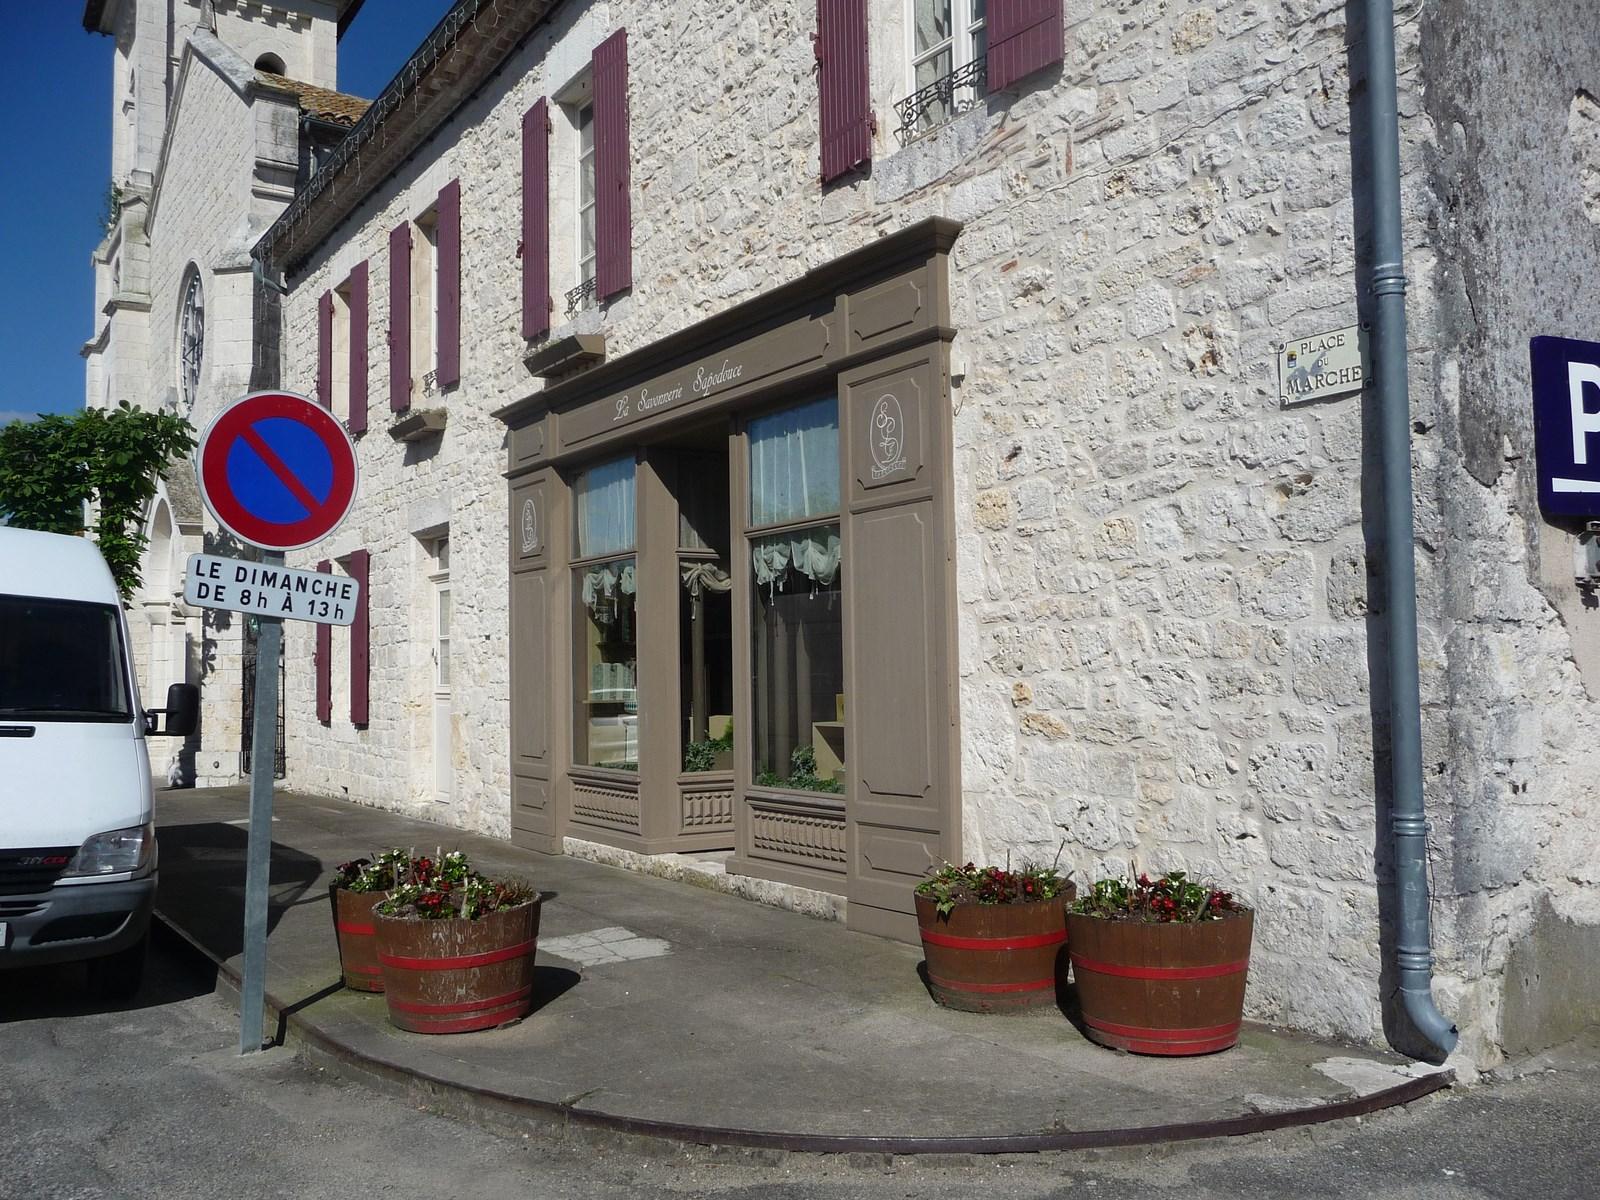 Roquecor commerçant savonnerie